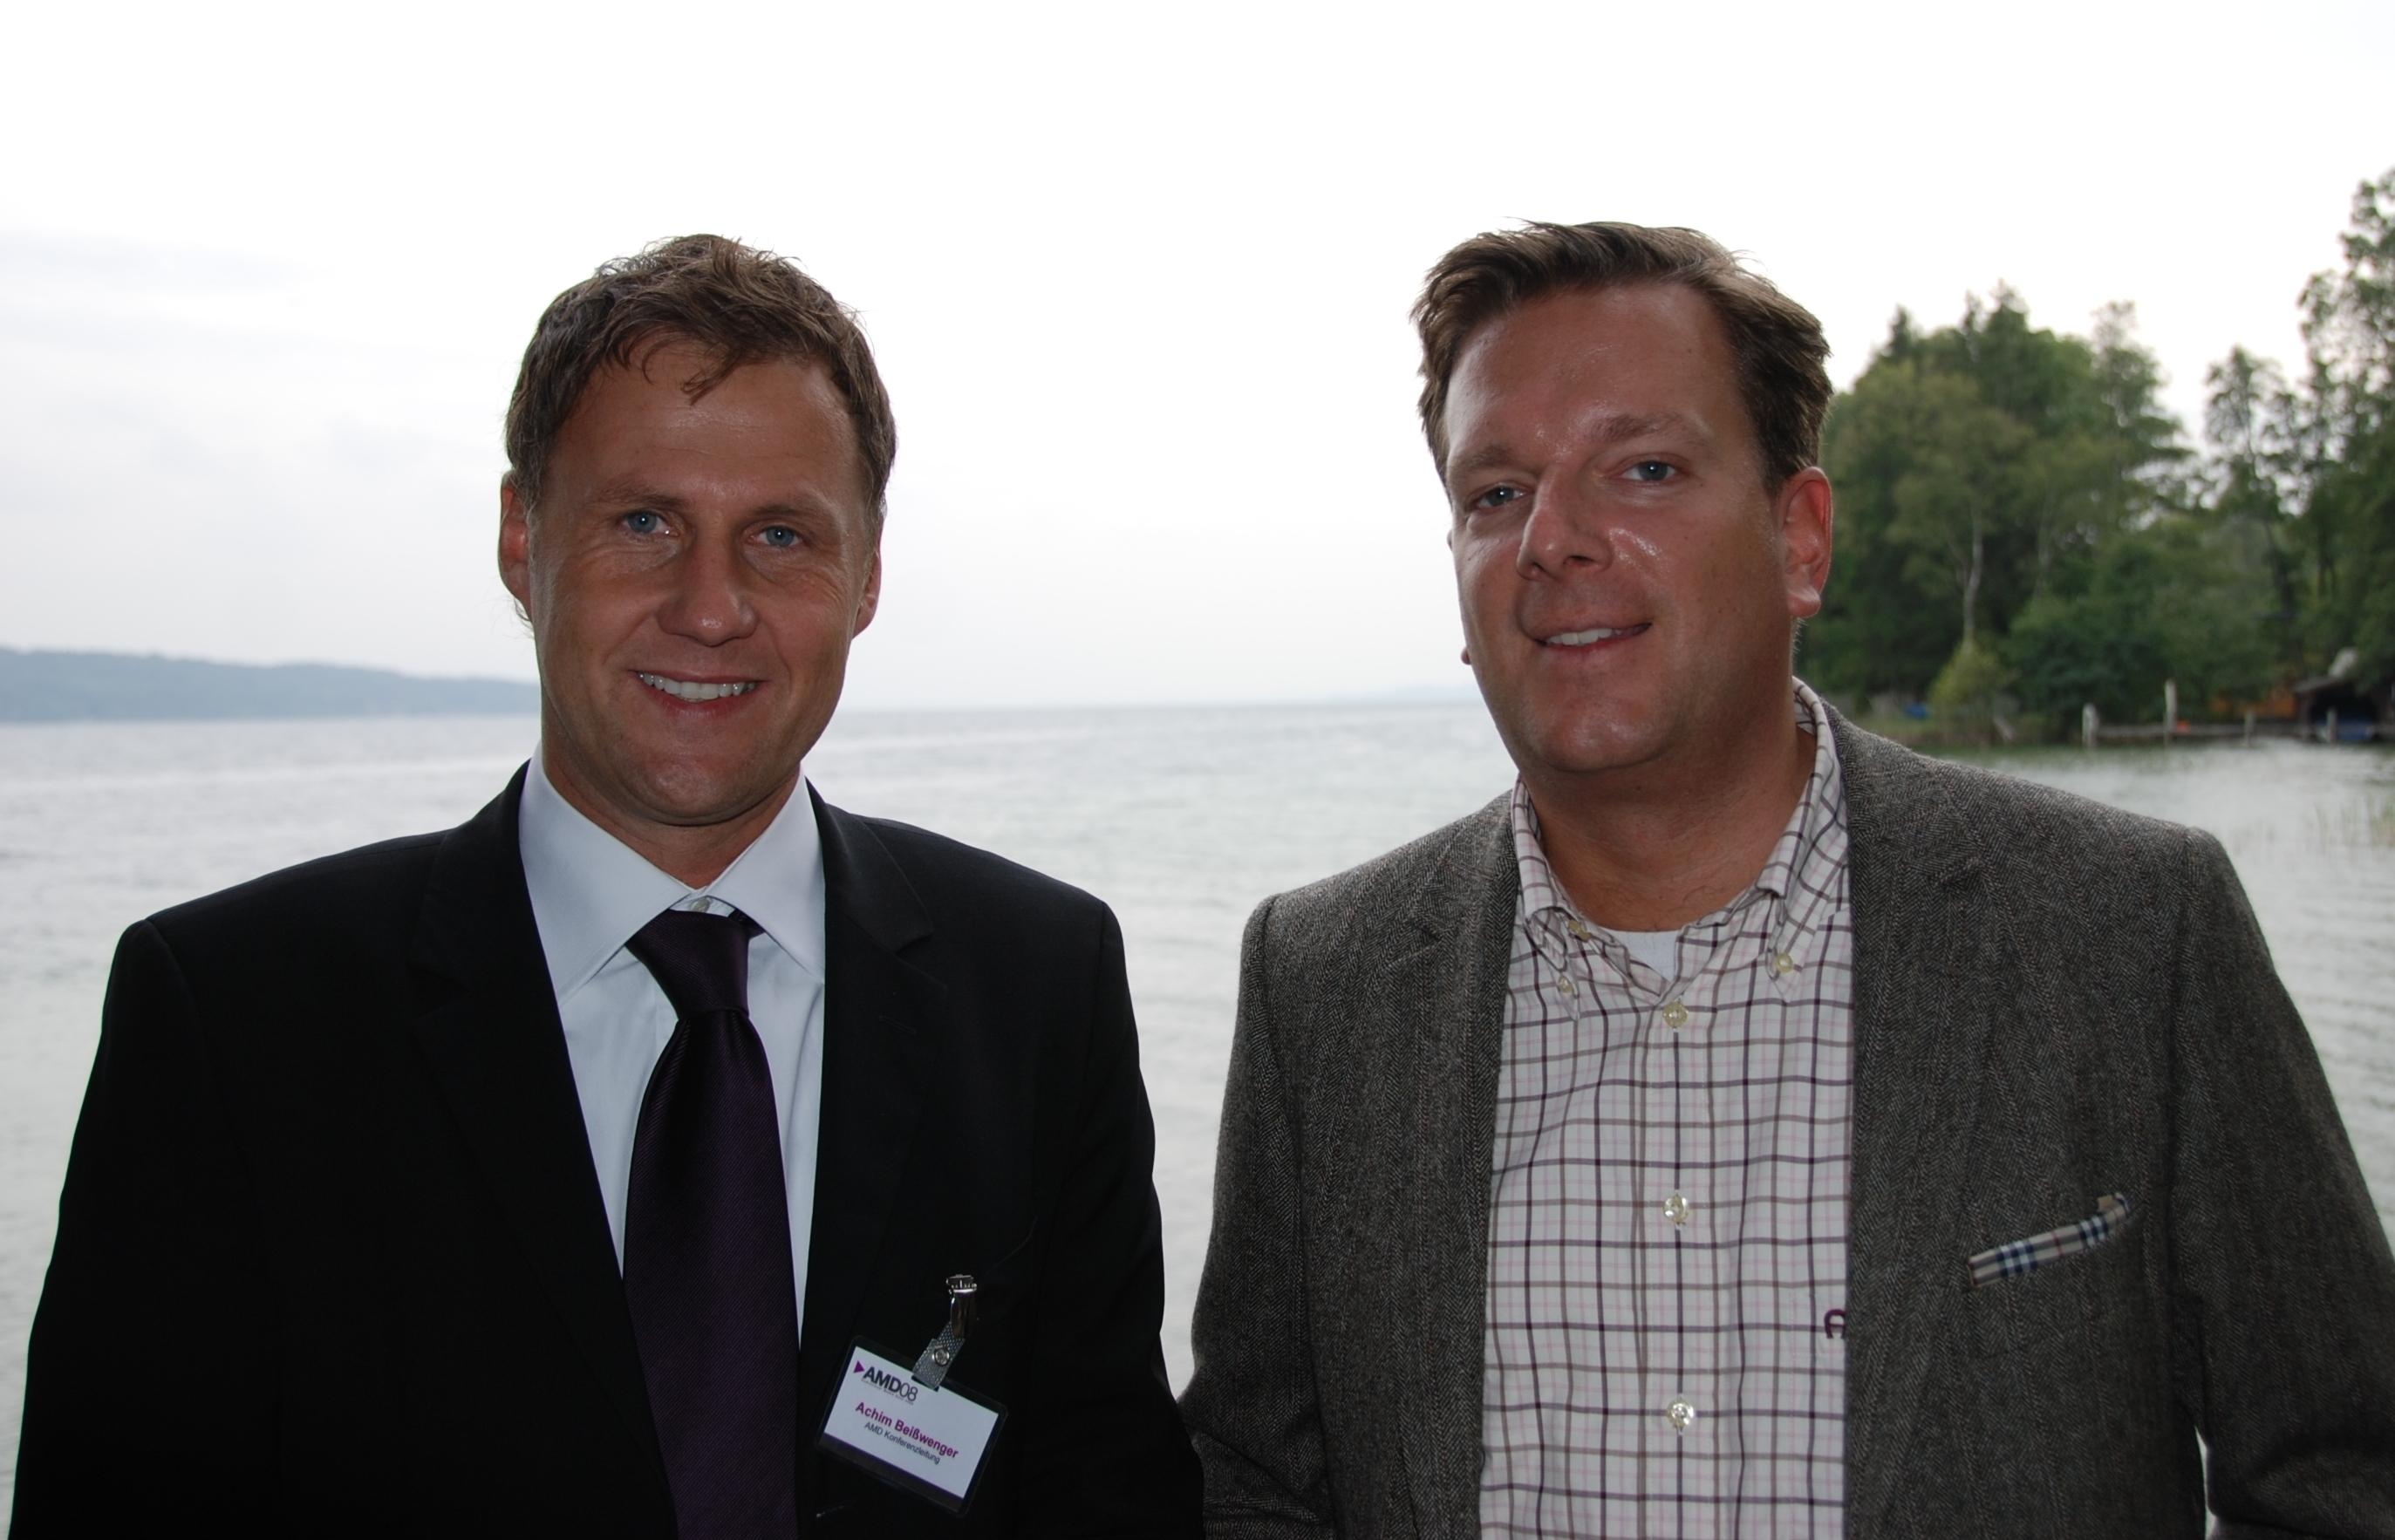 Achim Beißwenger, Konferenzleiter und Ralf Baumann, Senior Vice President Portal, Deutsche Telekom bei der AMD08